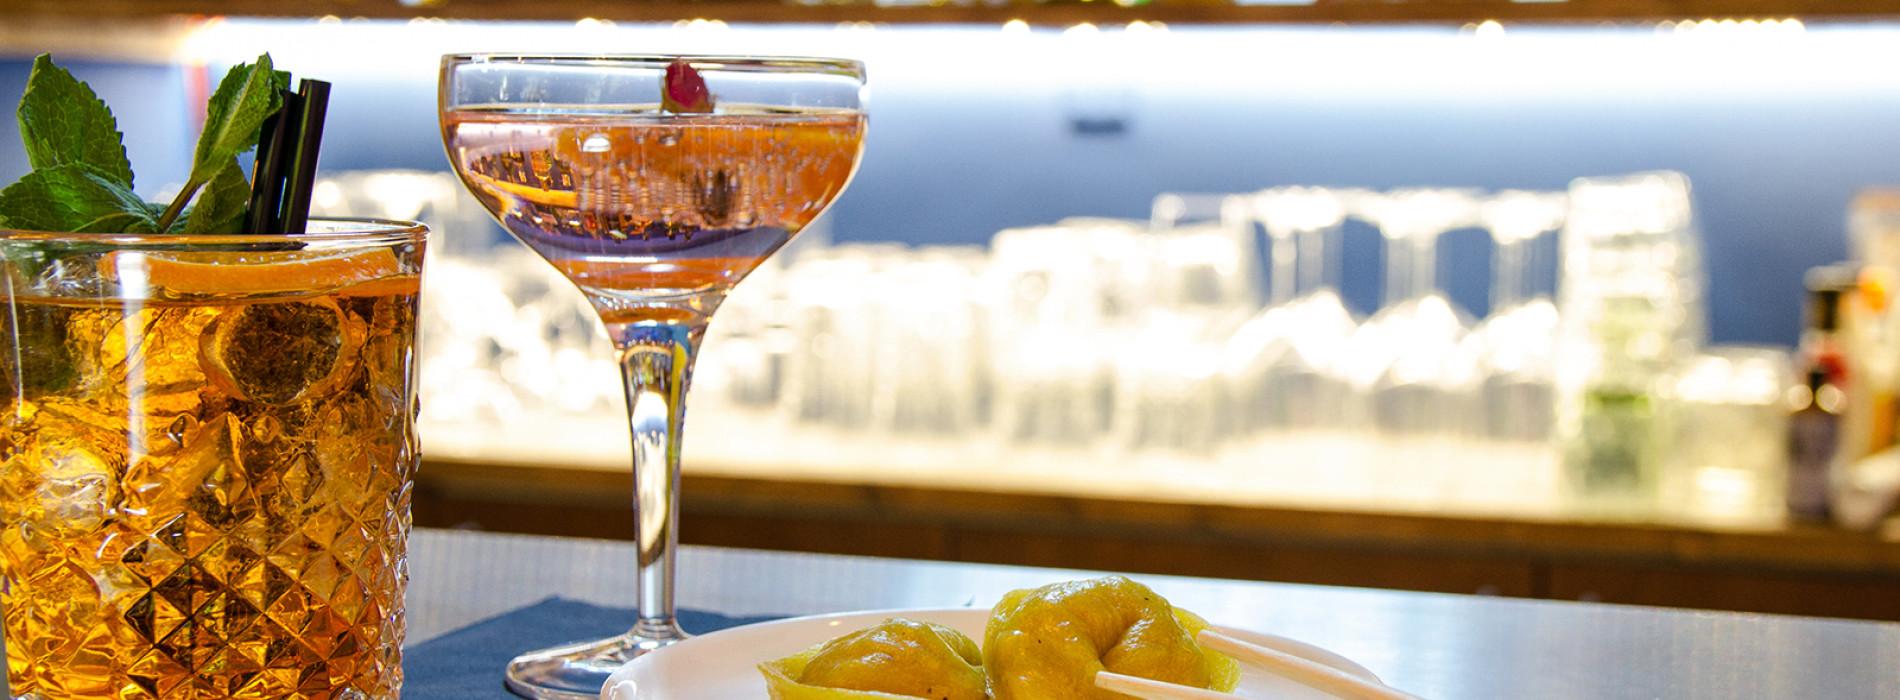 Ghe Sem Milano, ravioli alla 'nduja e cocktail per l'aperitivo nel nuovo ristorante cinese in zona Cadorna